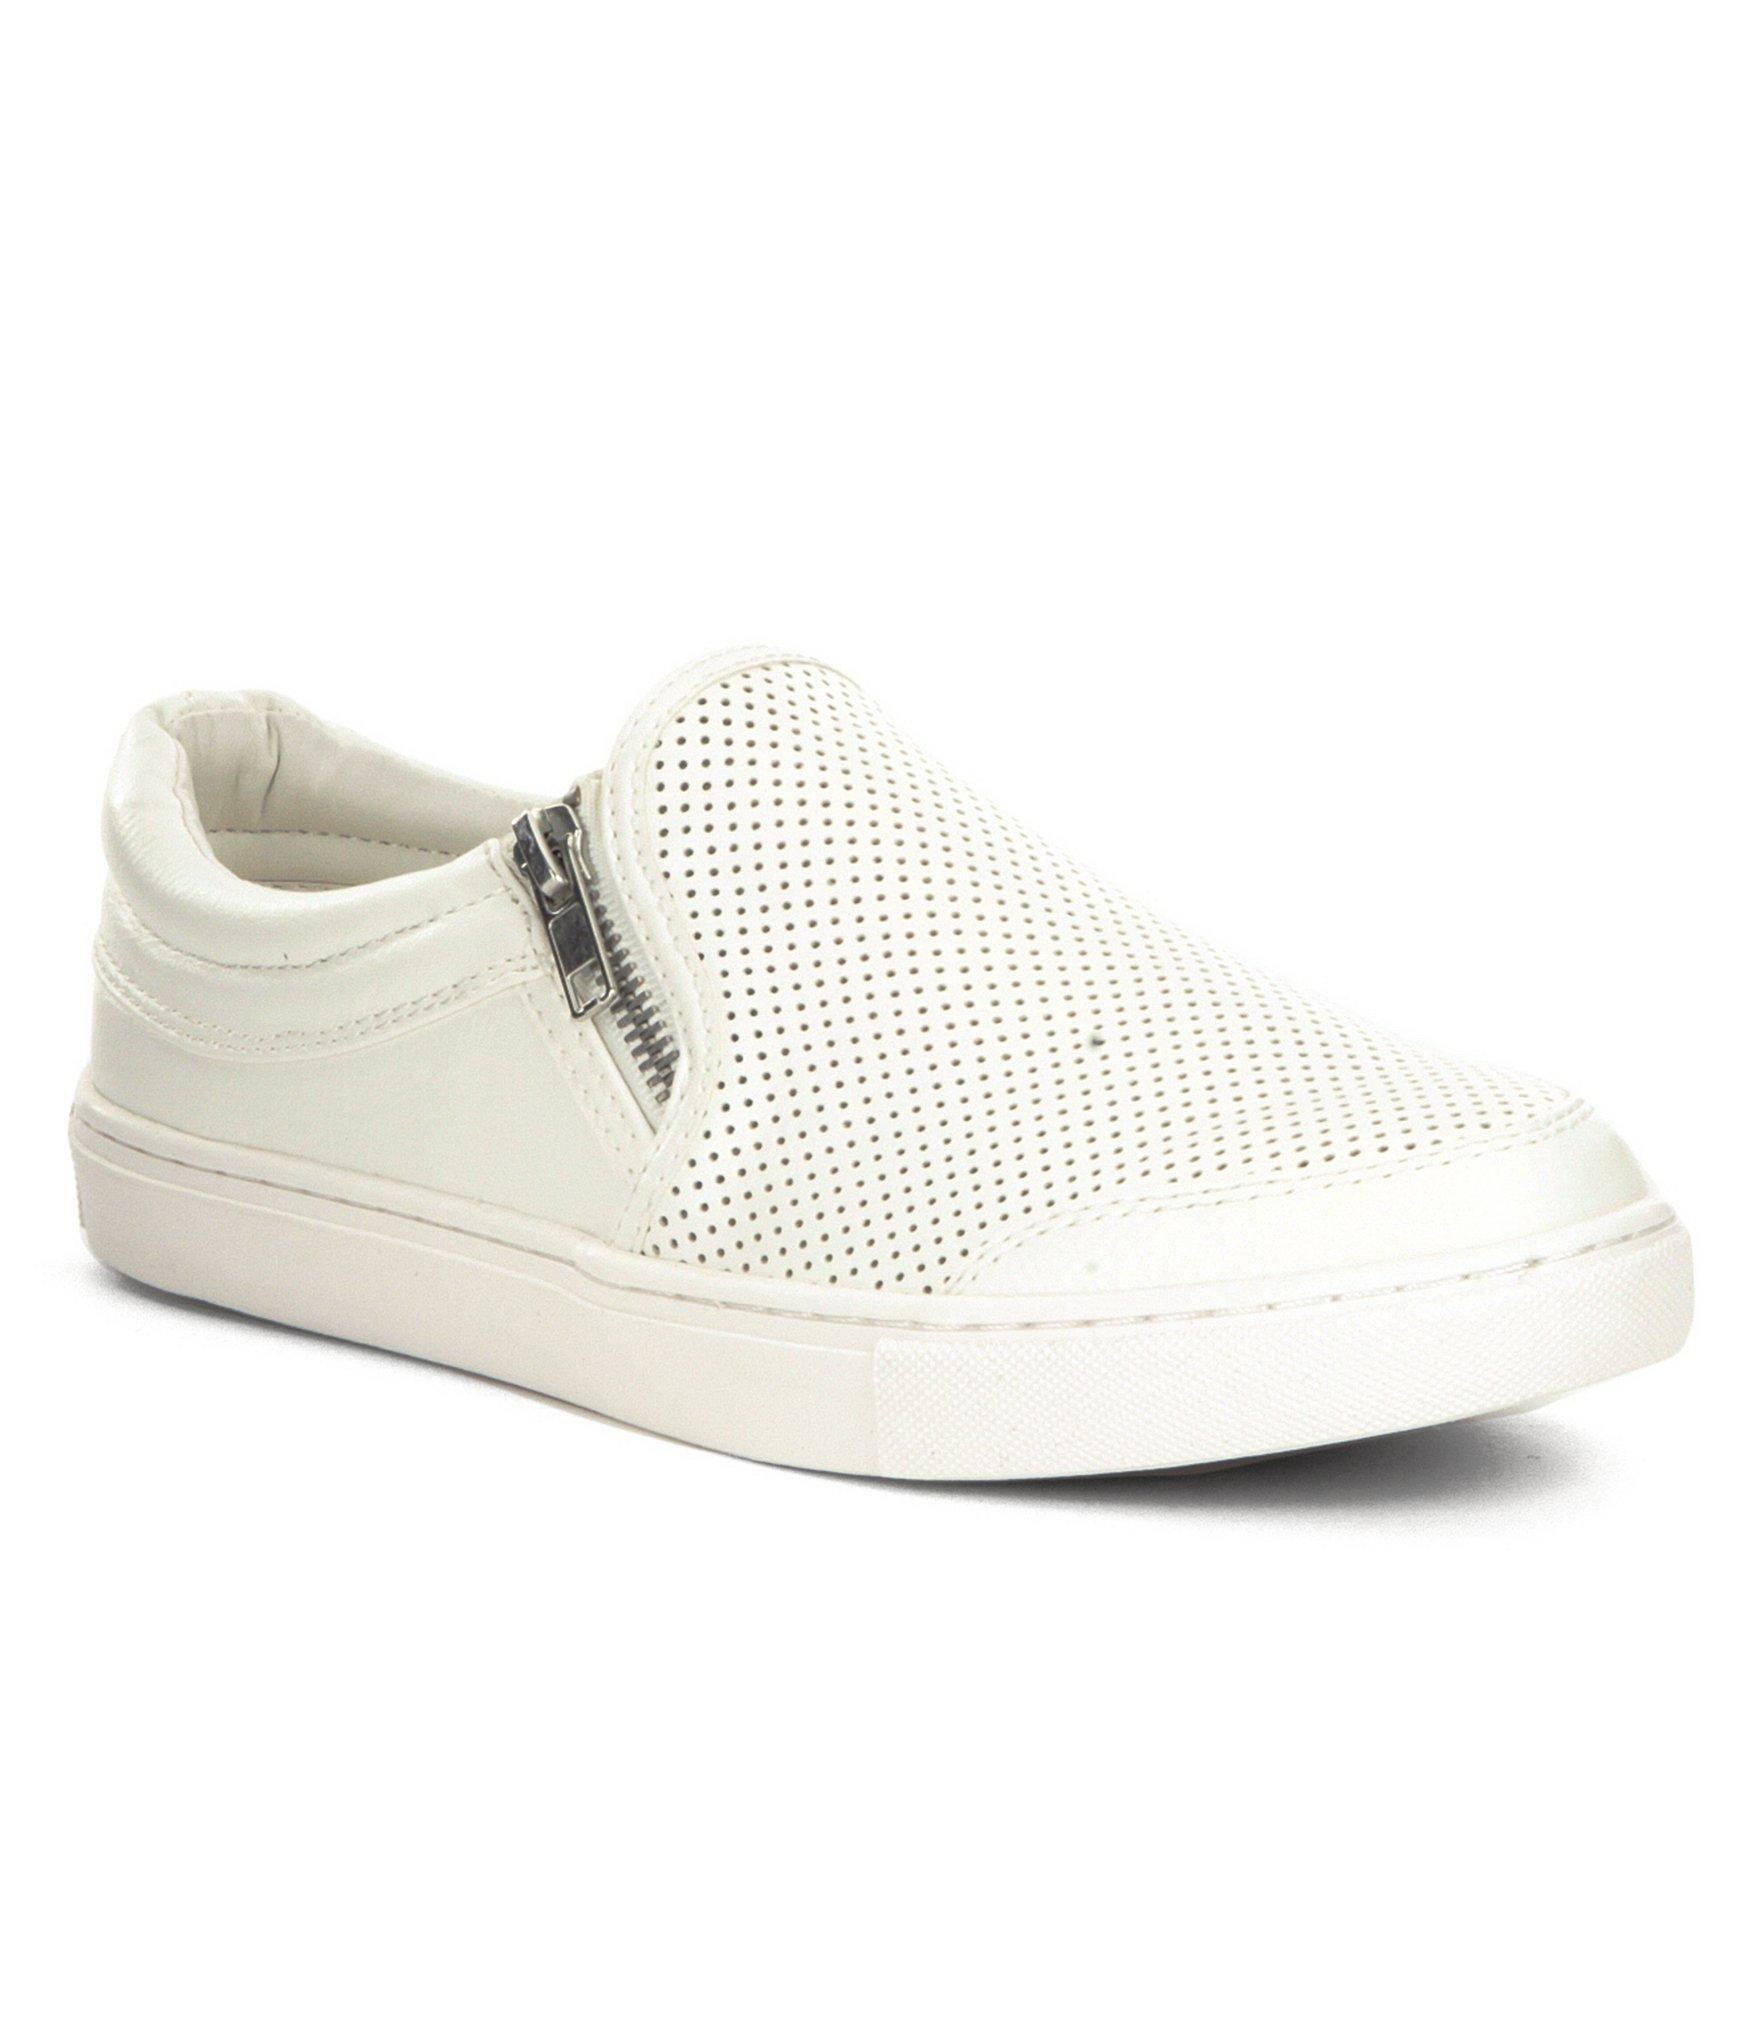 Steve madden ellias sneakers in white lyst